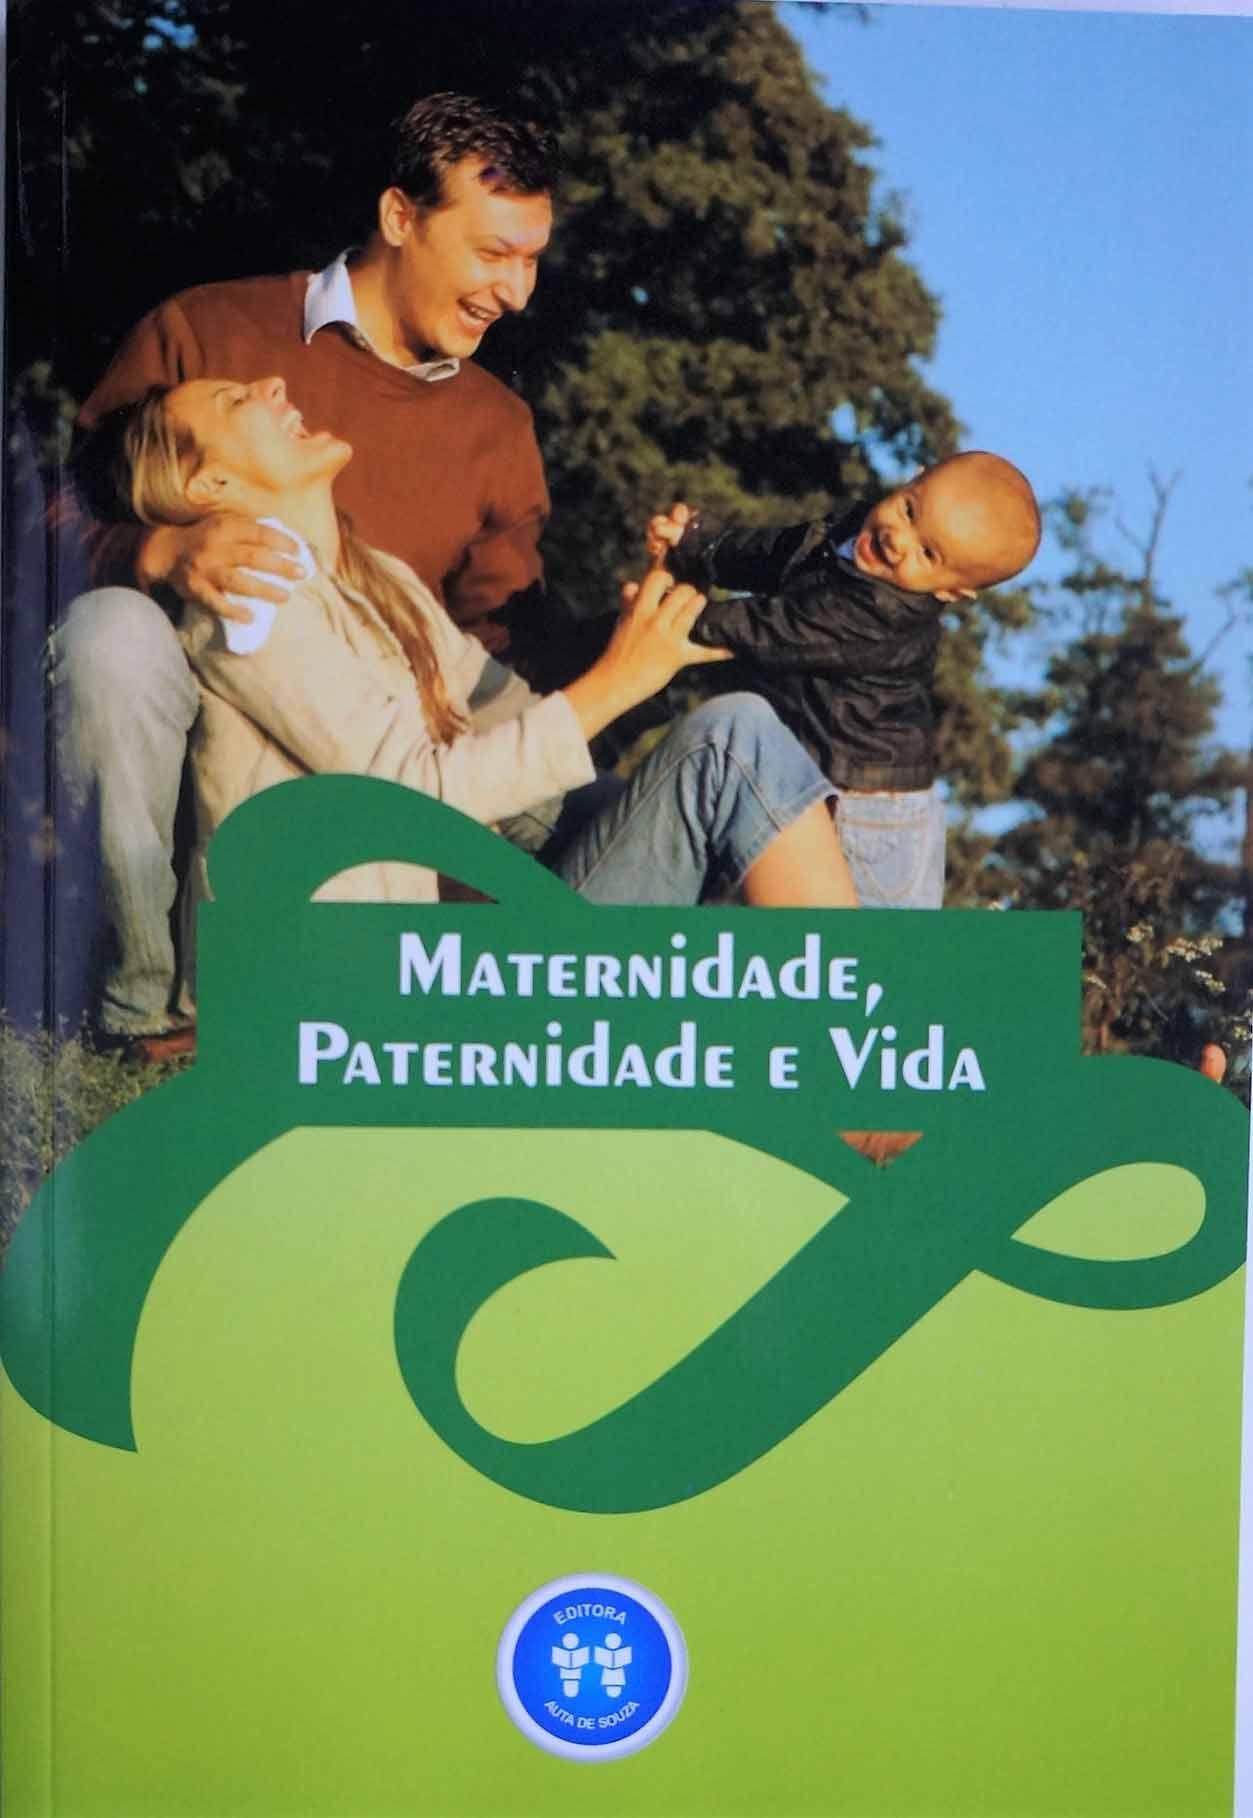 MATERNIDADE, PATERNINDADE E VIDA